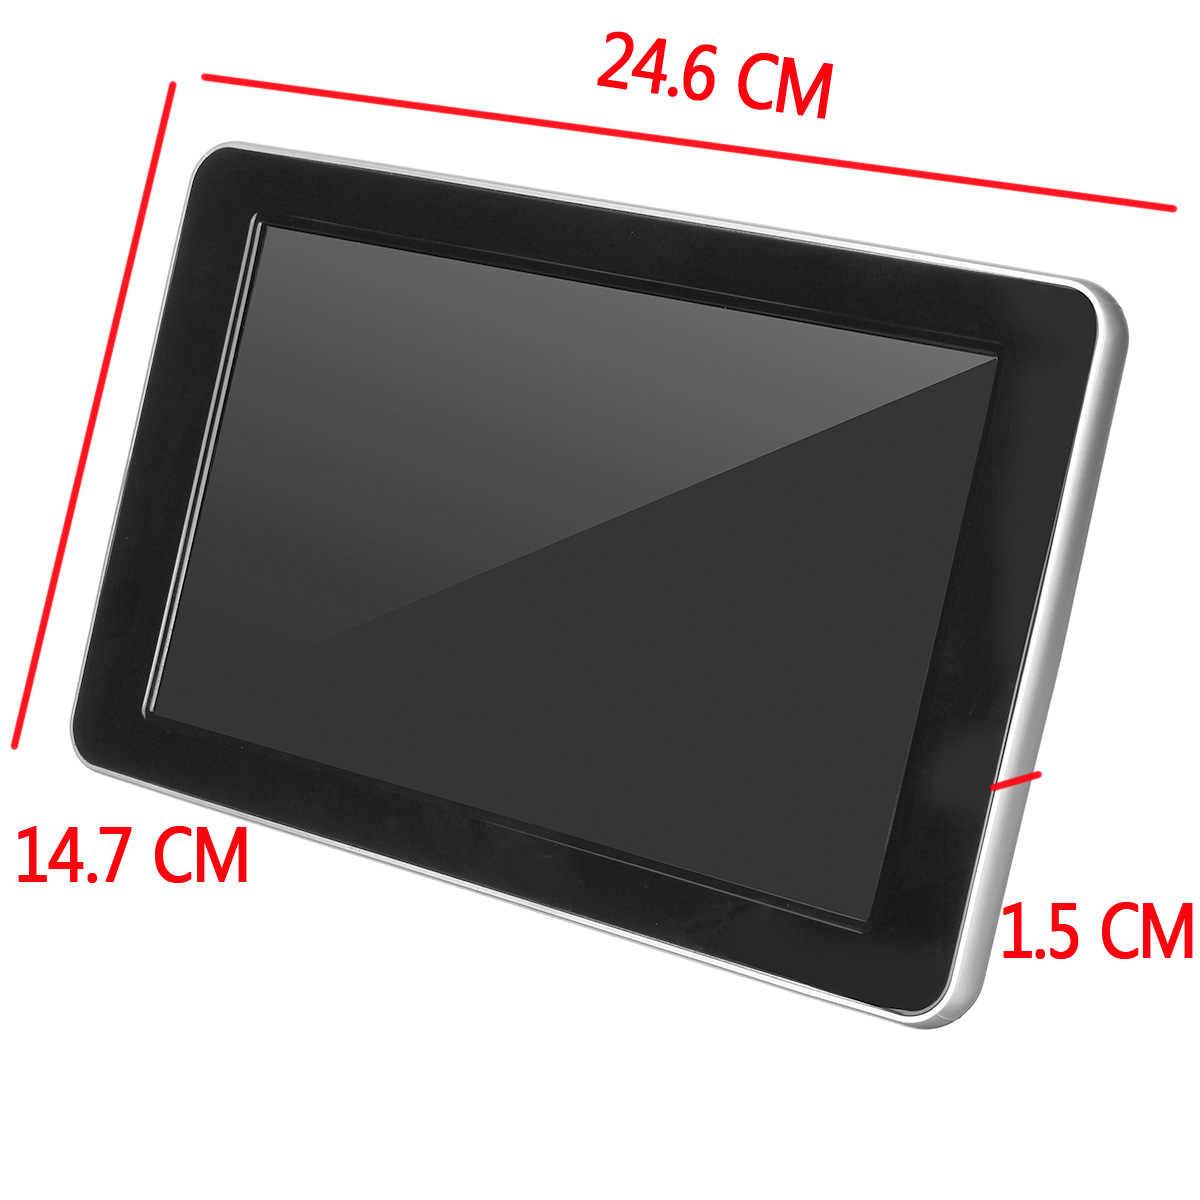 9 بوصة TFT اللون LCD مسند الرأس شاشات 1024x600 HD المدخلات راديو AV رصد للكاميرا الخلفية سيارة مشغل الصوت 918AV